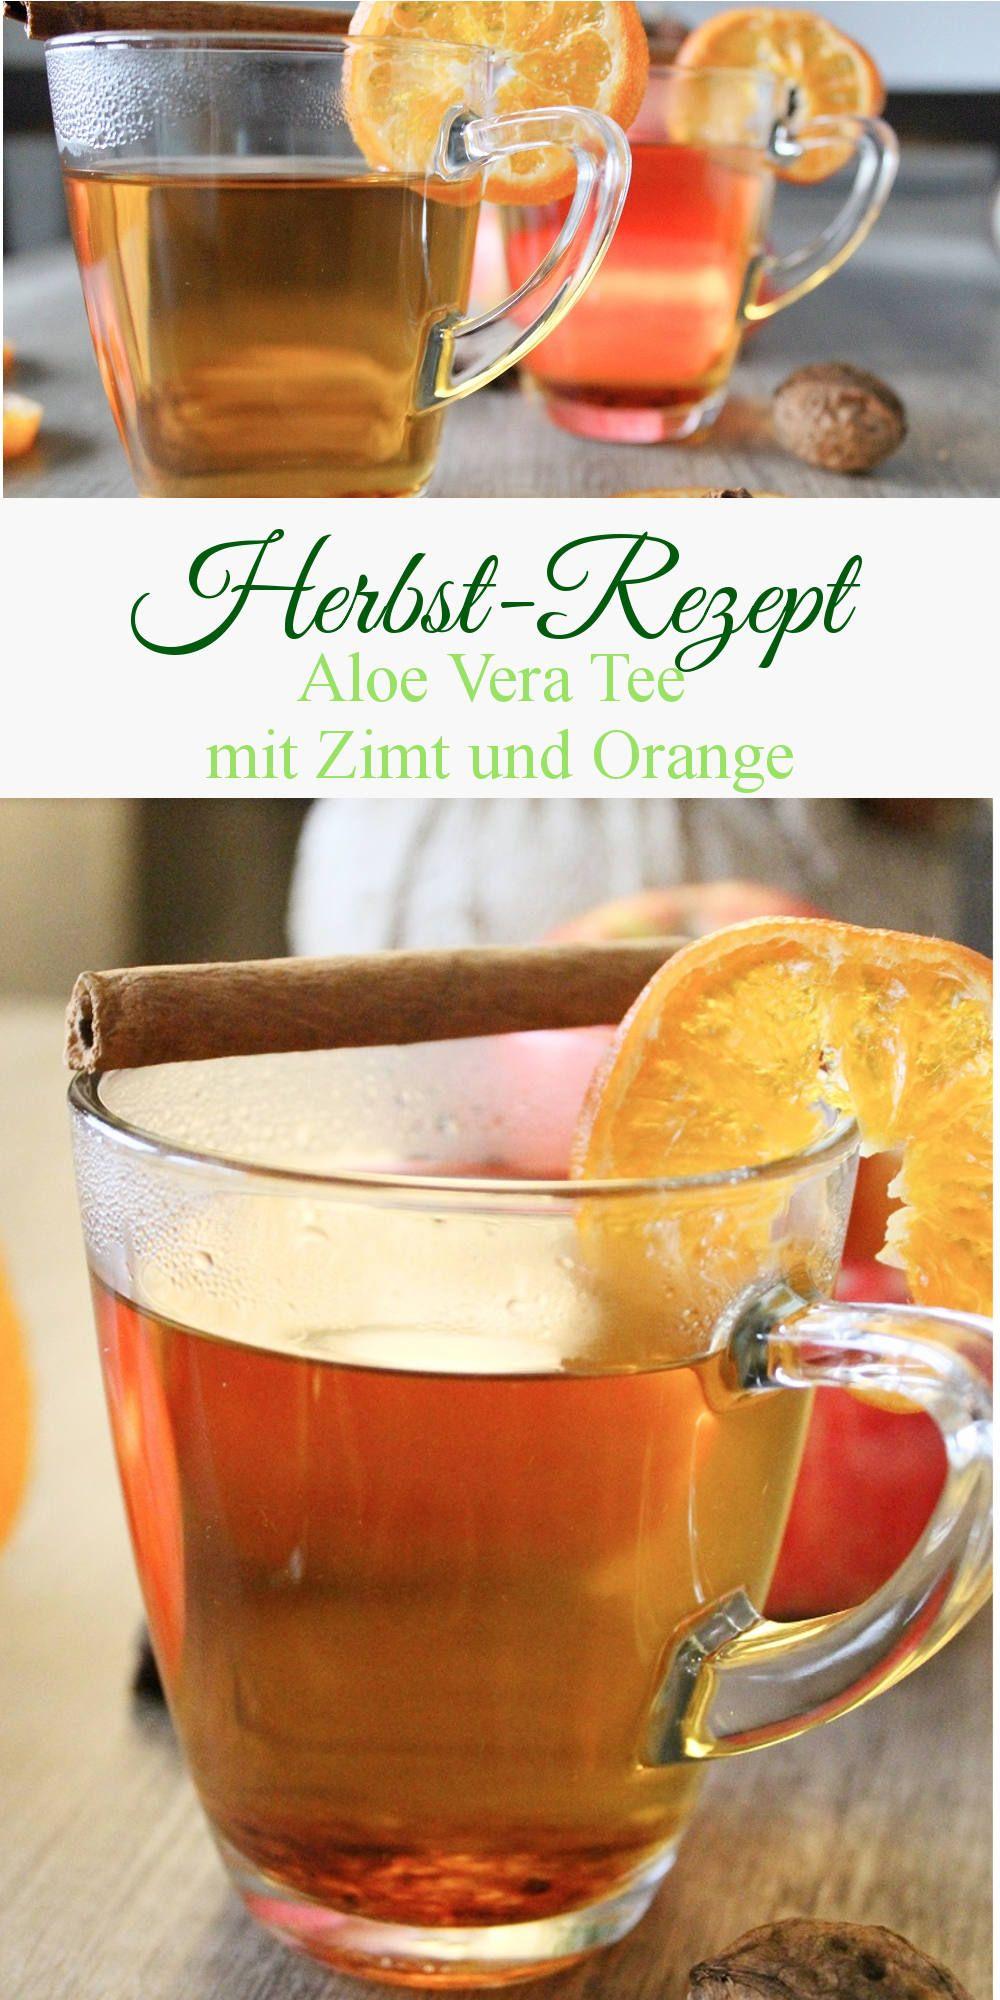 Herbstlicher Aloe Vera Tee Mit Zimt Und Orange Naturlicher Lebensstil Aloe Vera Getrank Aloe Vera Rezepte